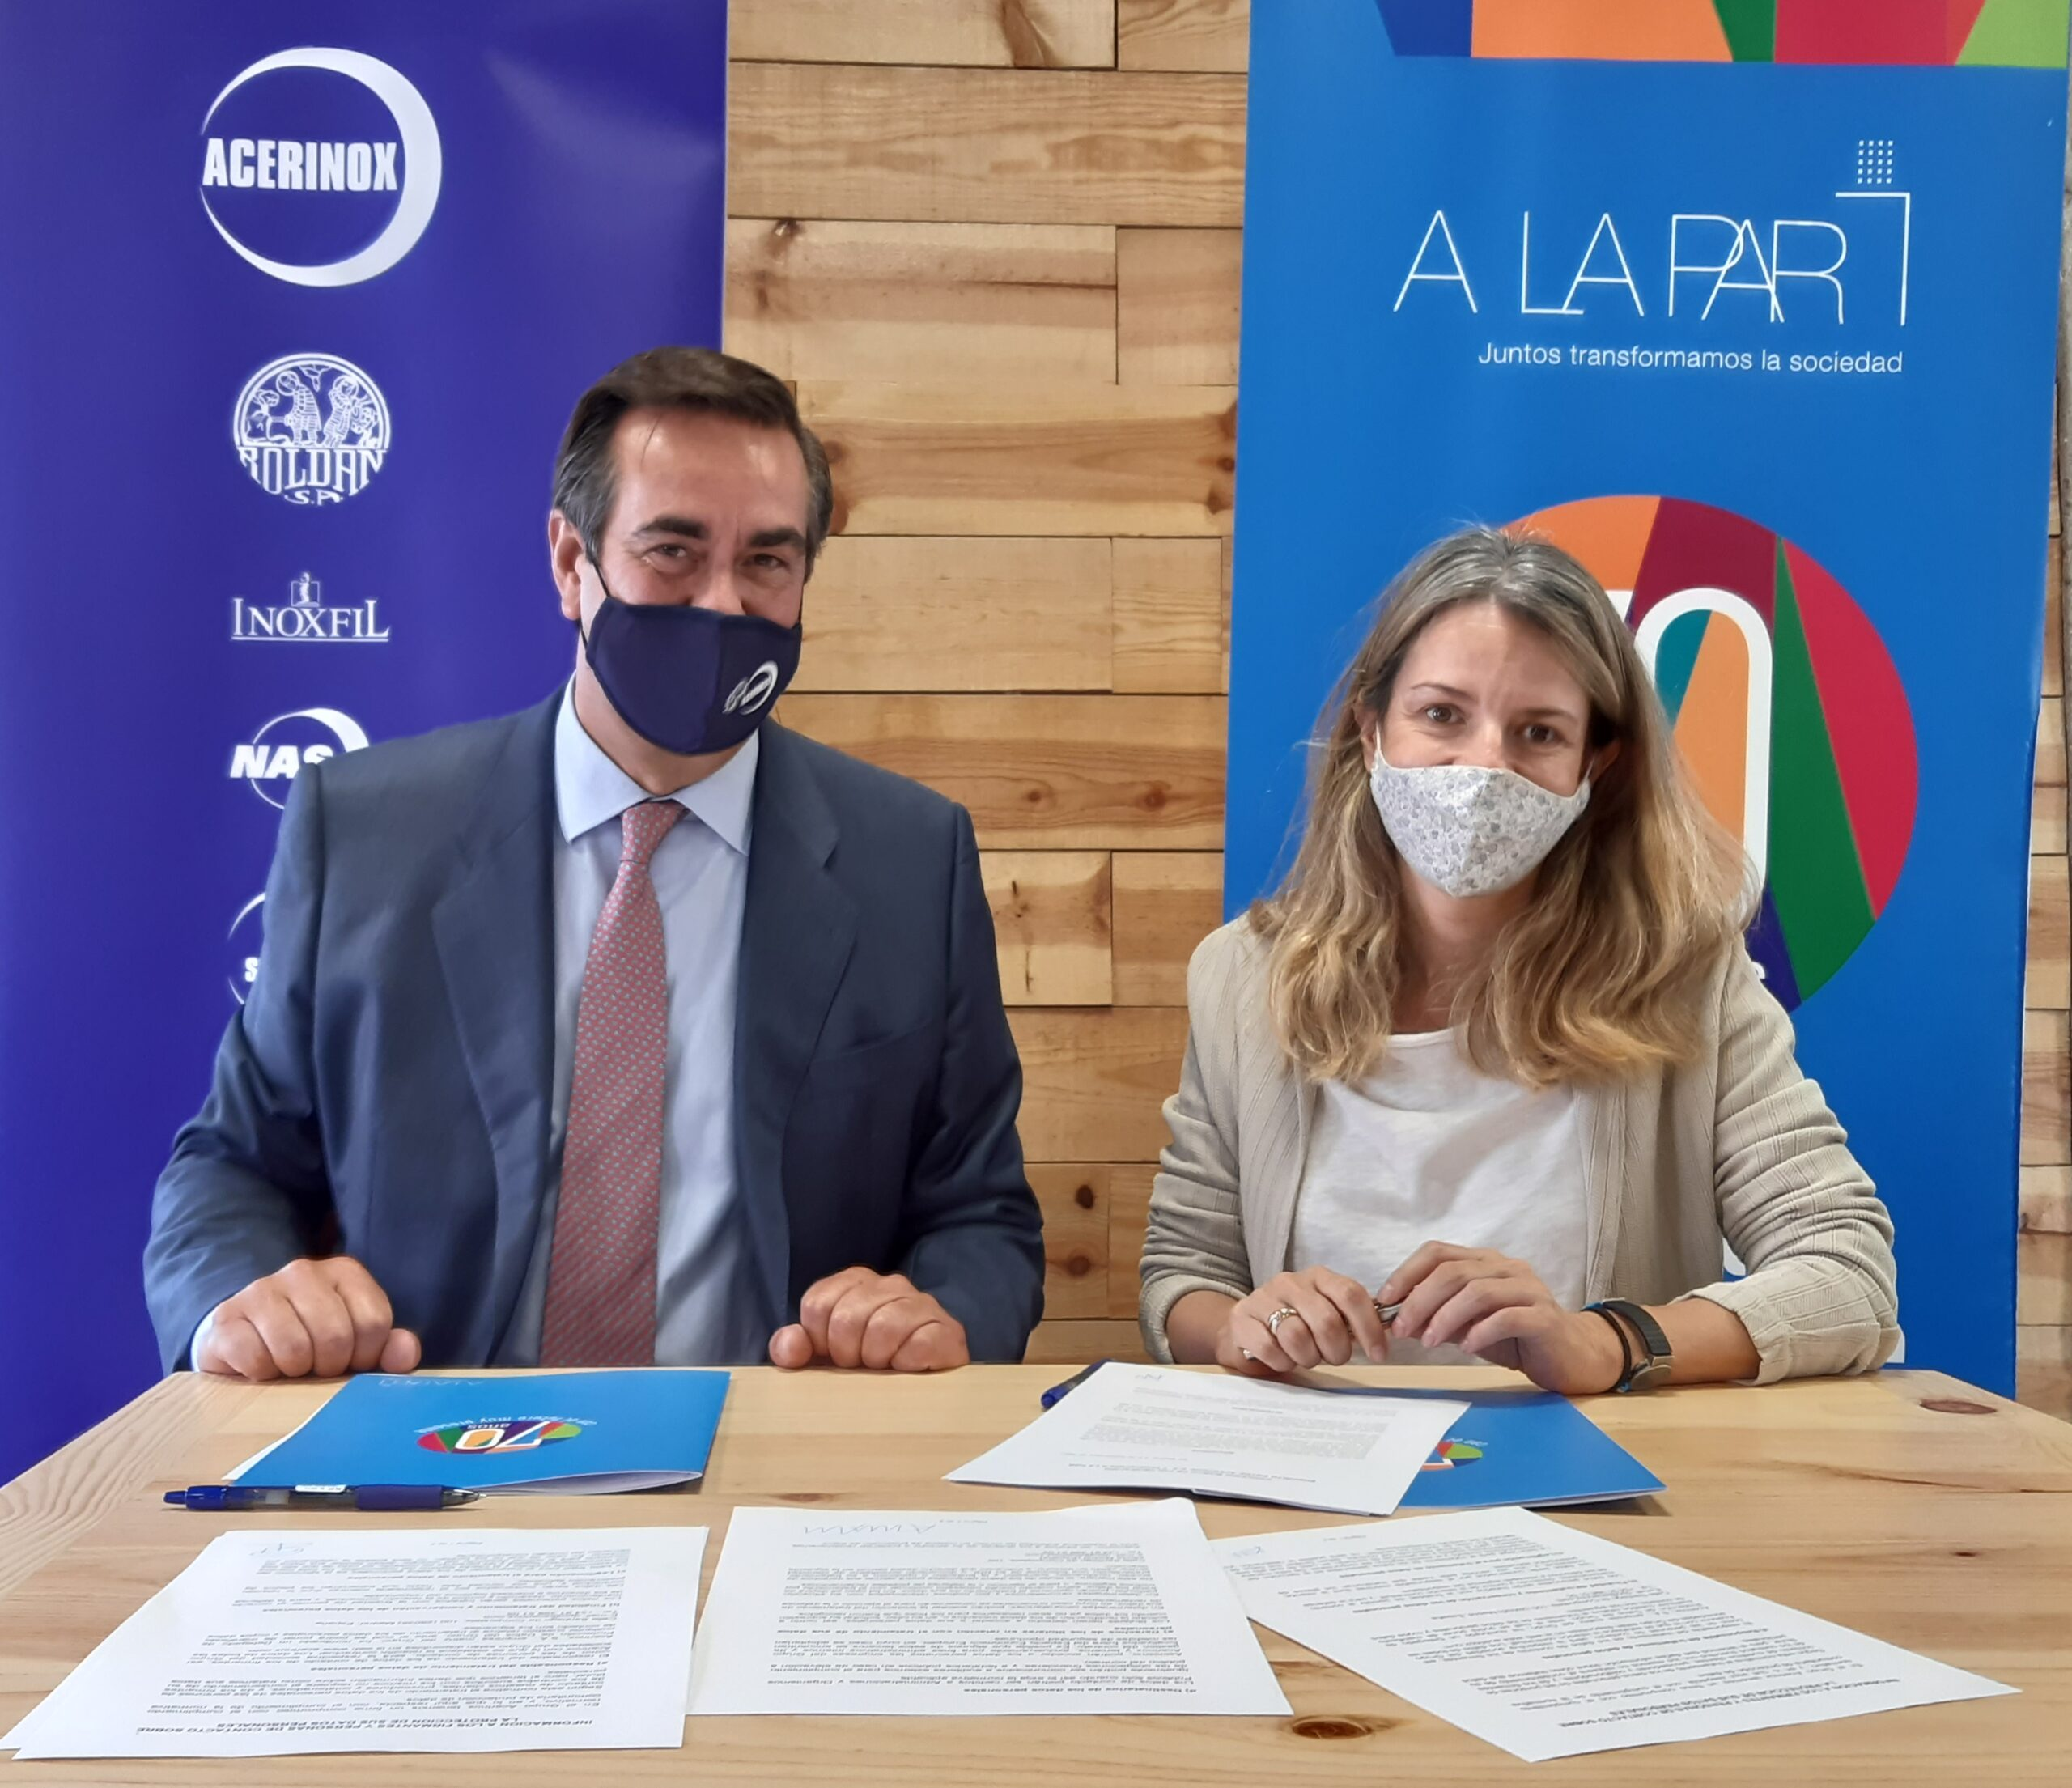 Acerinox y la Fundación A LA PAR se alían para colaborar en la integración de personas con discapacidad intelectual